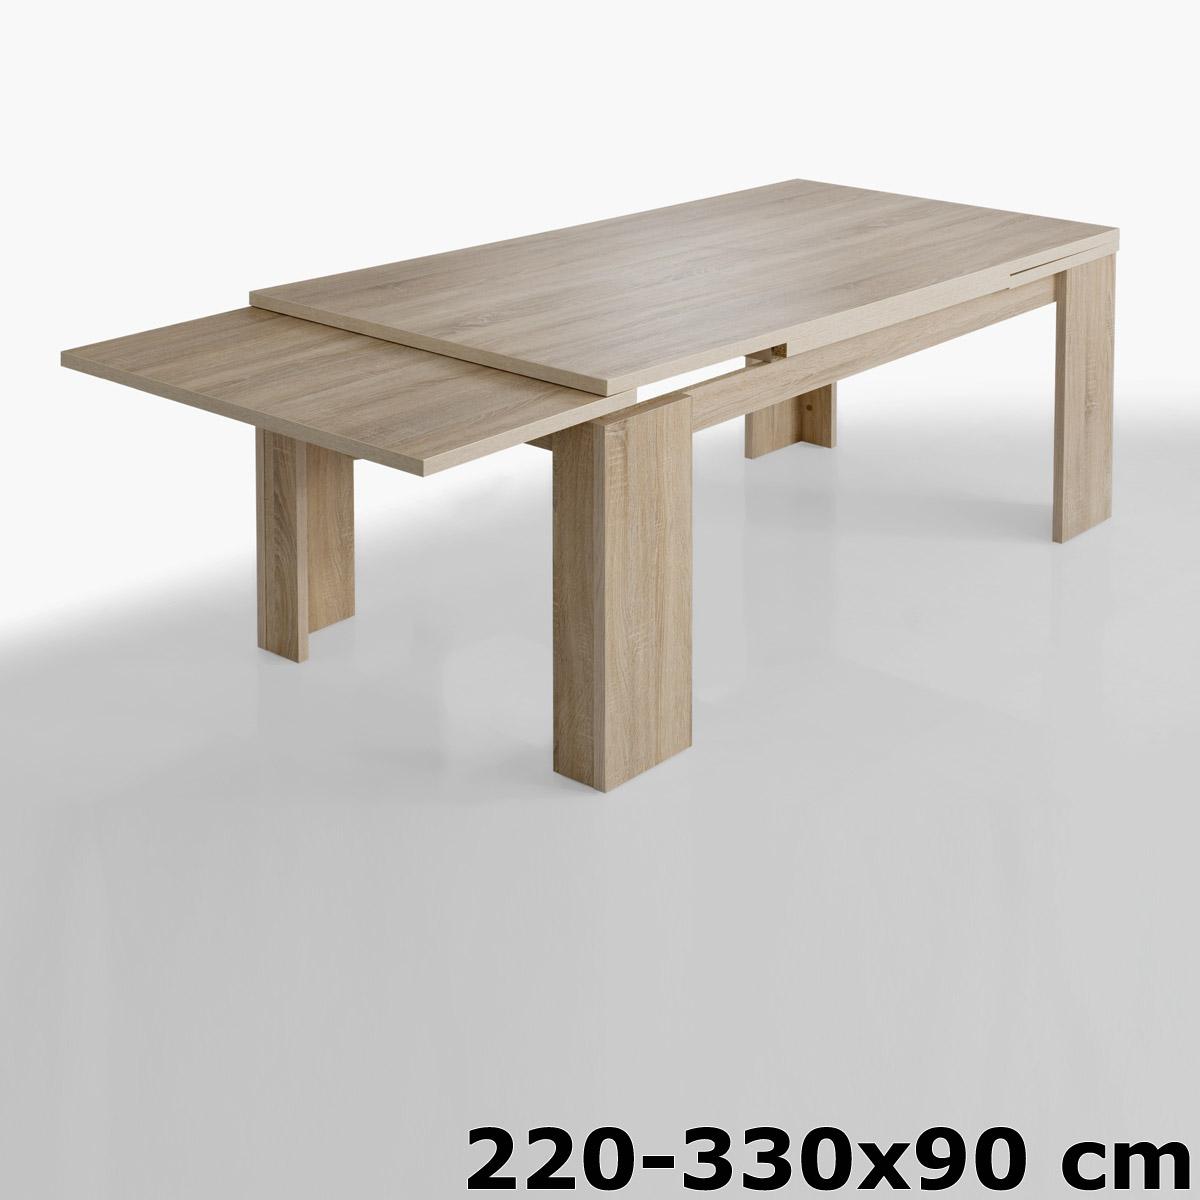 tisch big zip esstisch eiche s gerau dunkel beton edelbuche wildeiche tr ffel ebay. Black Bedroom Furniture Sets. Home Design Ideas